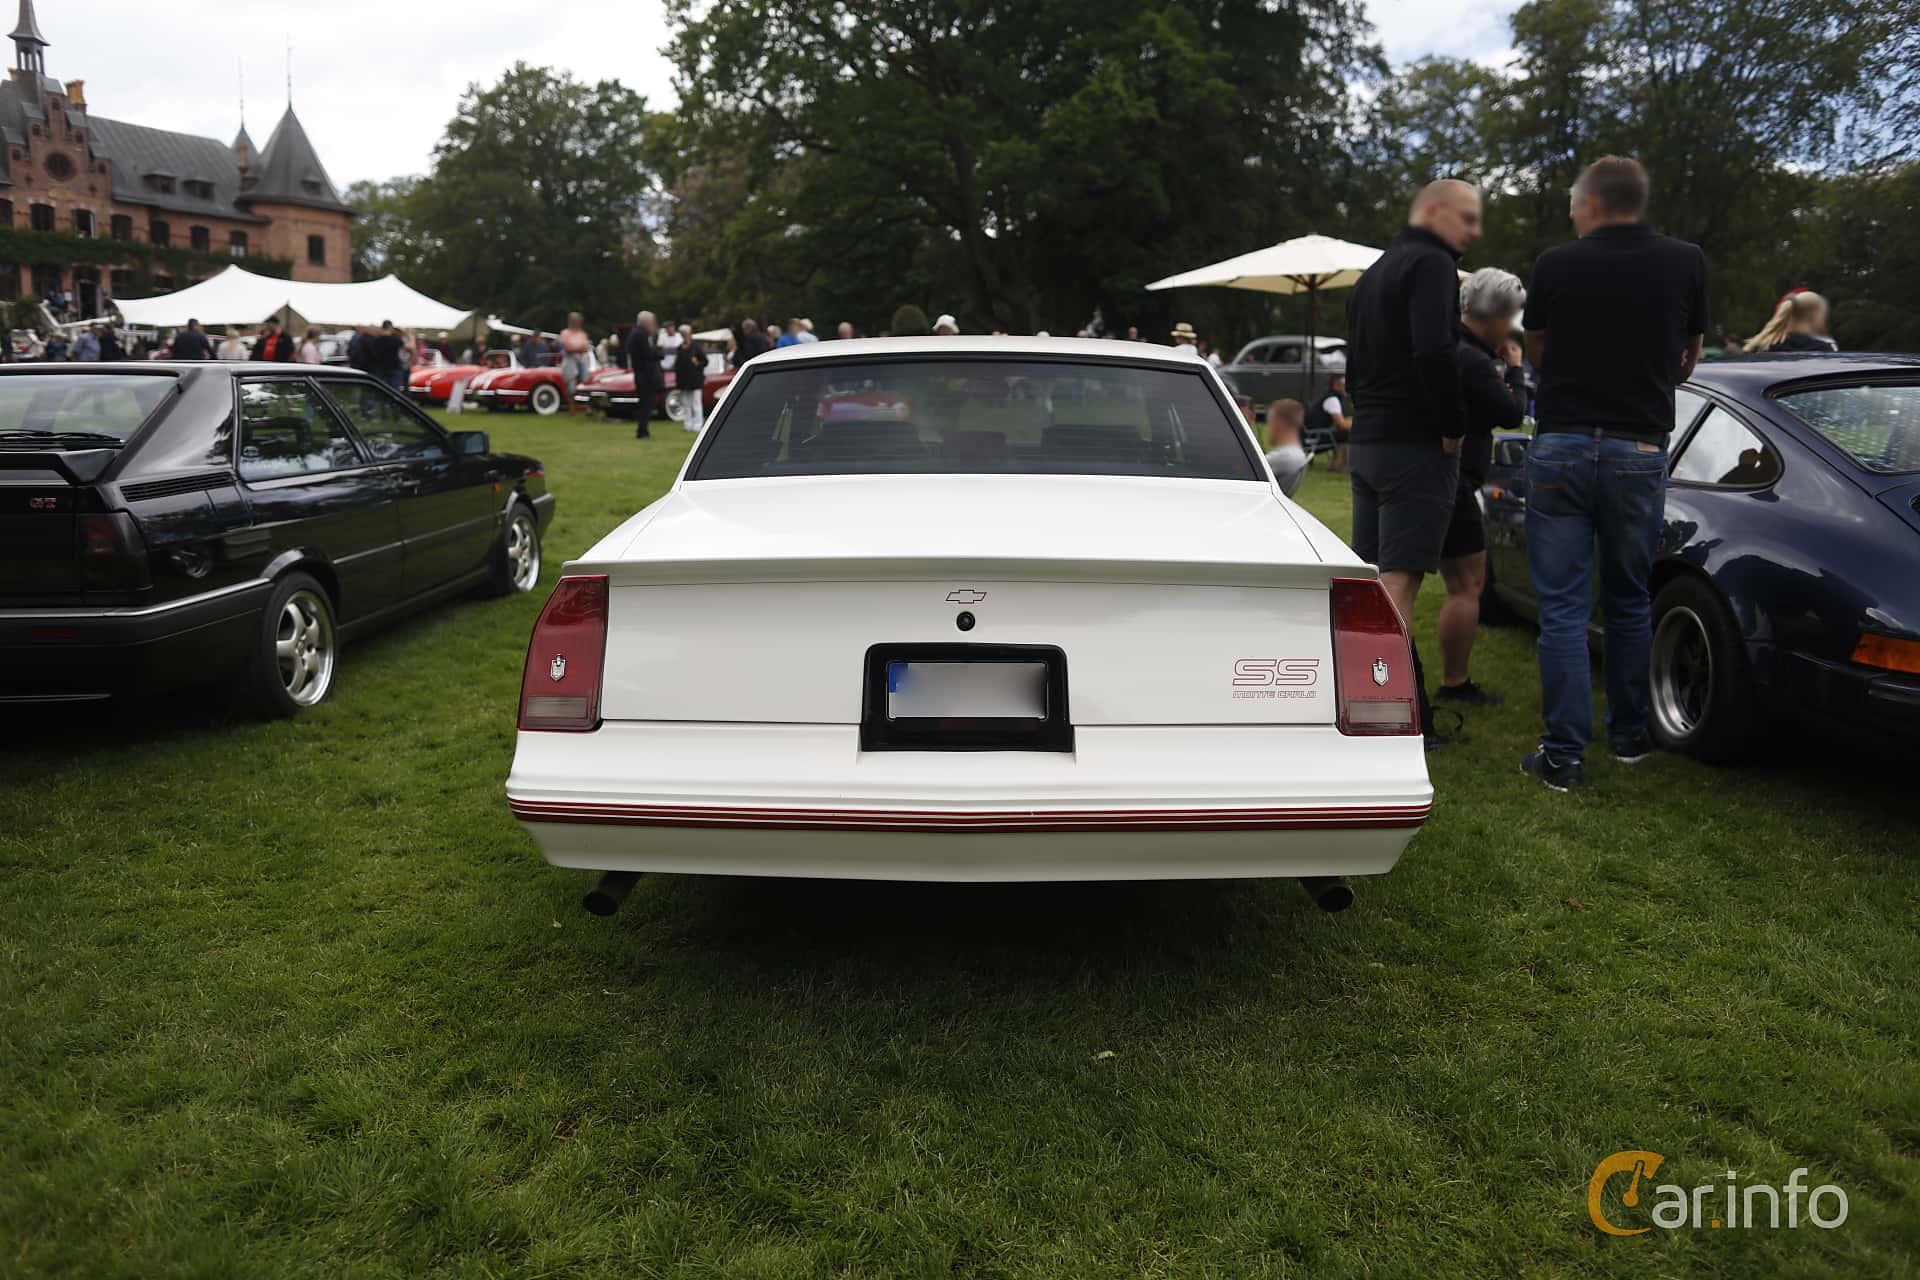 Chevrolet Monte Carlo 5.0 V8 Automatic, 183hp, 1988 at Sofiero Classic 2019